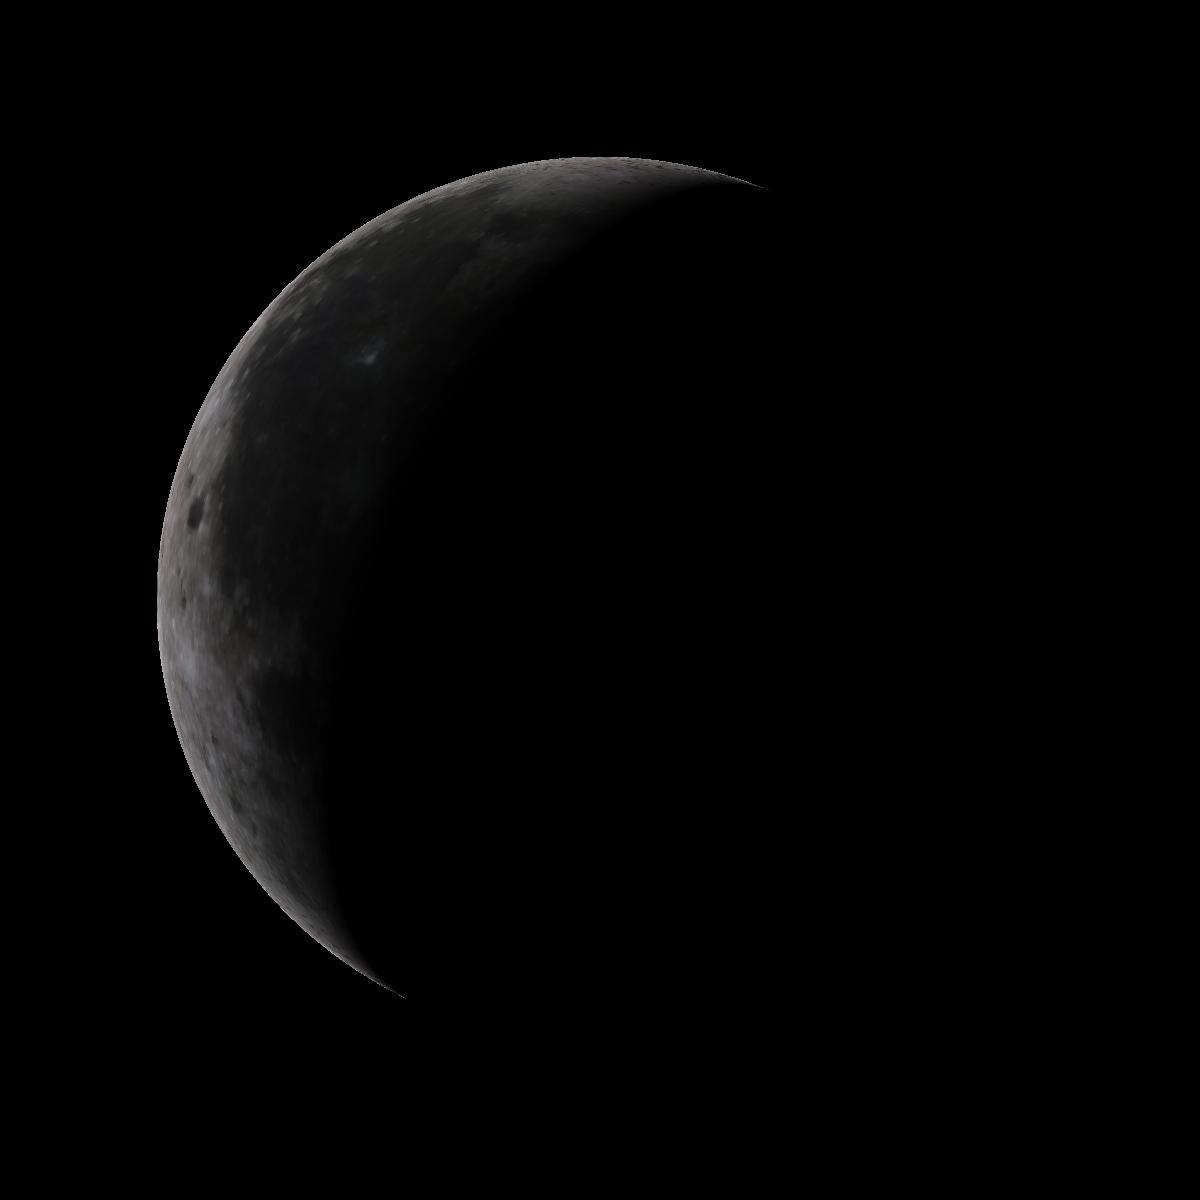 Lune du 16 juin 2020